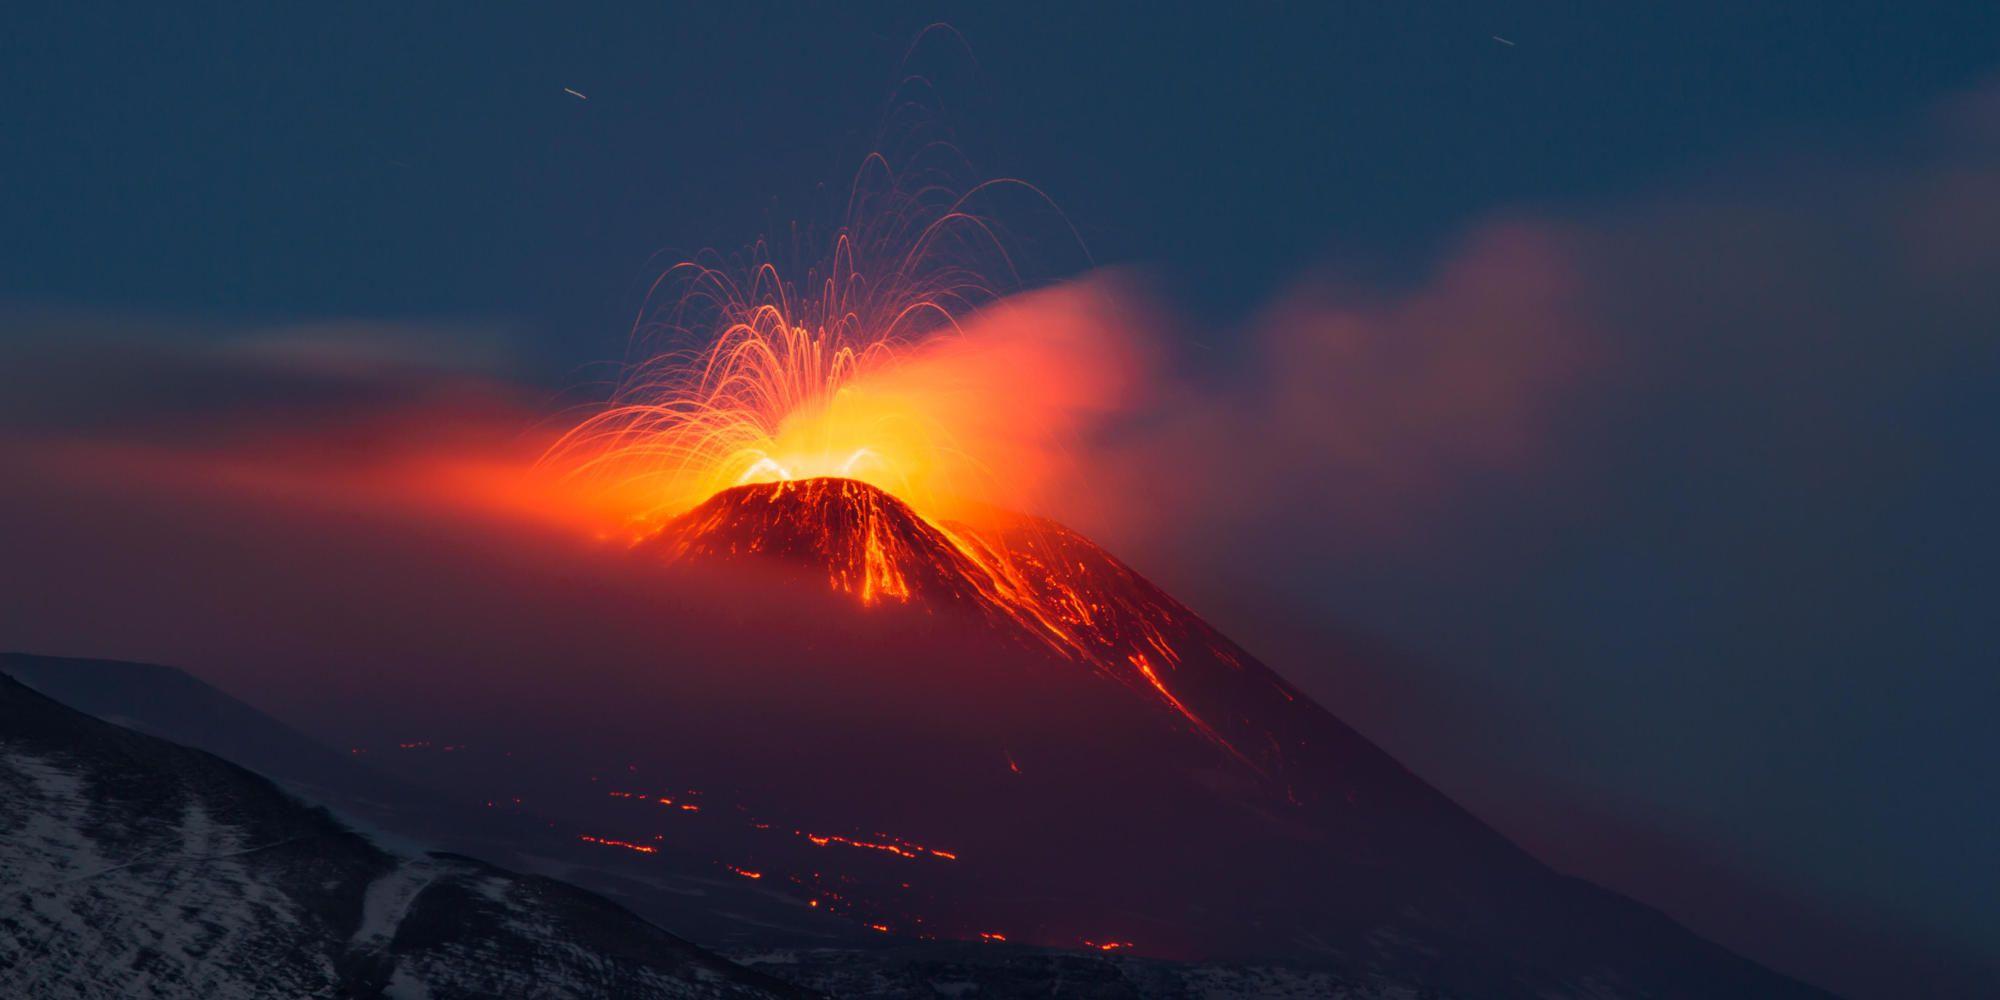 Batalla de la naturaleza: la intensa lava naranja contra el cielo azul.